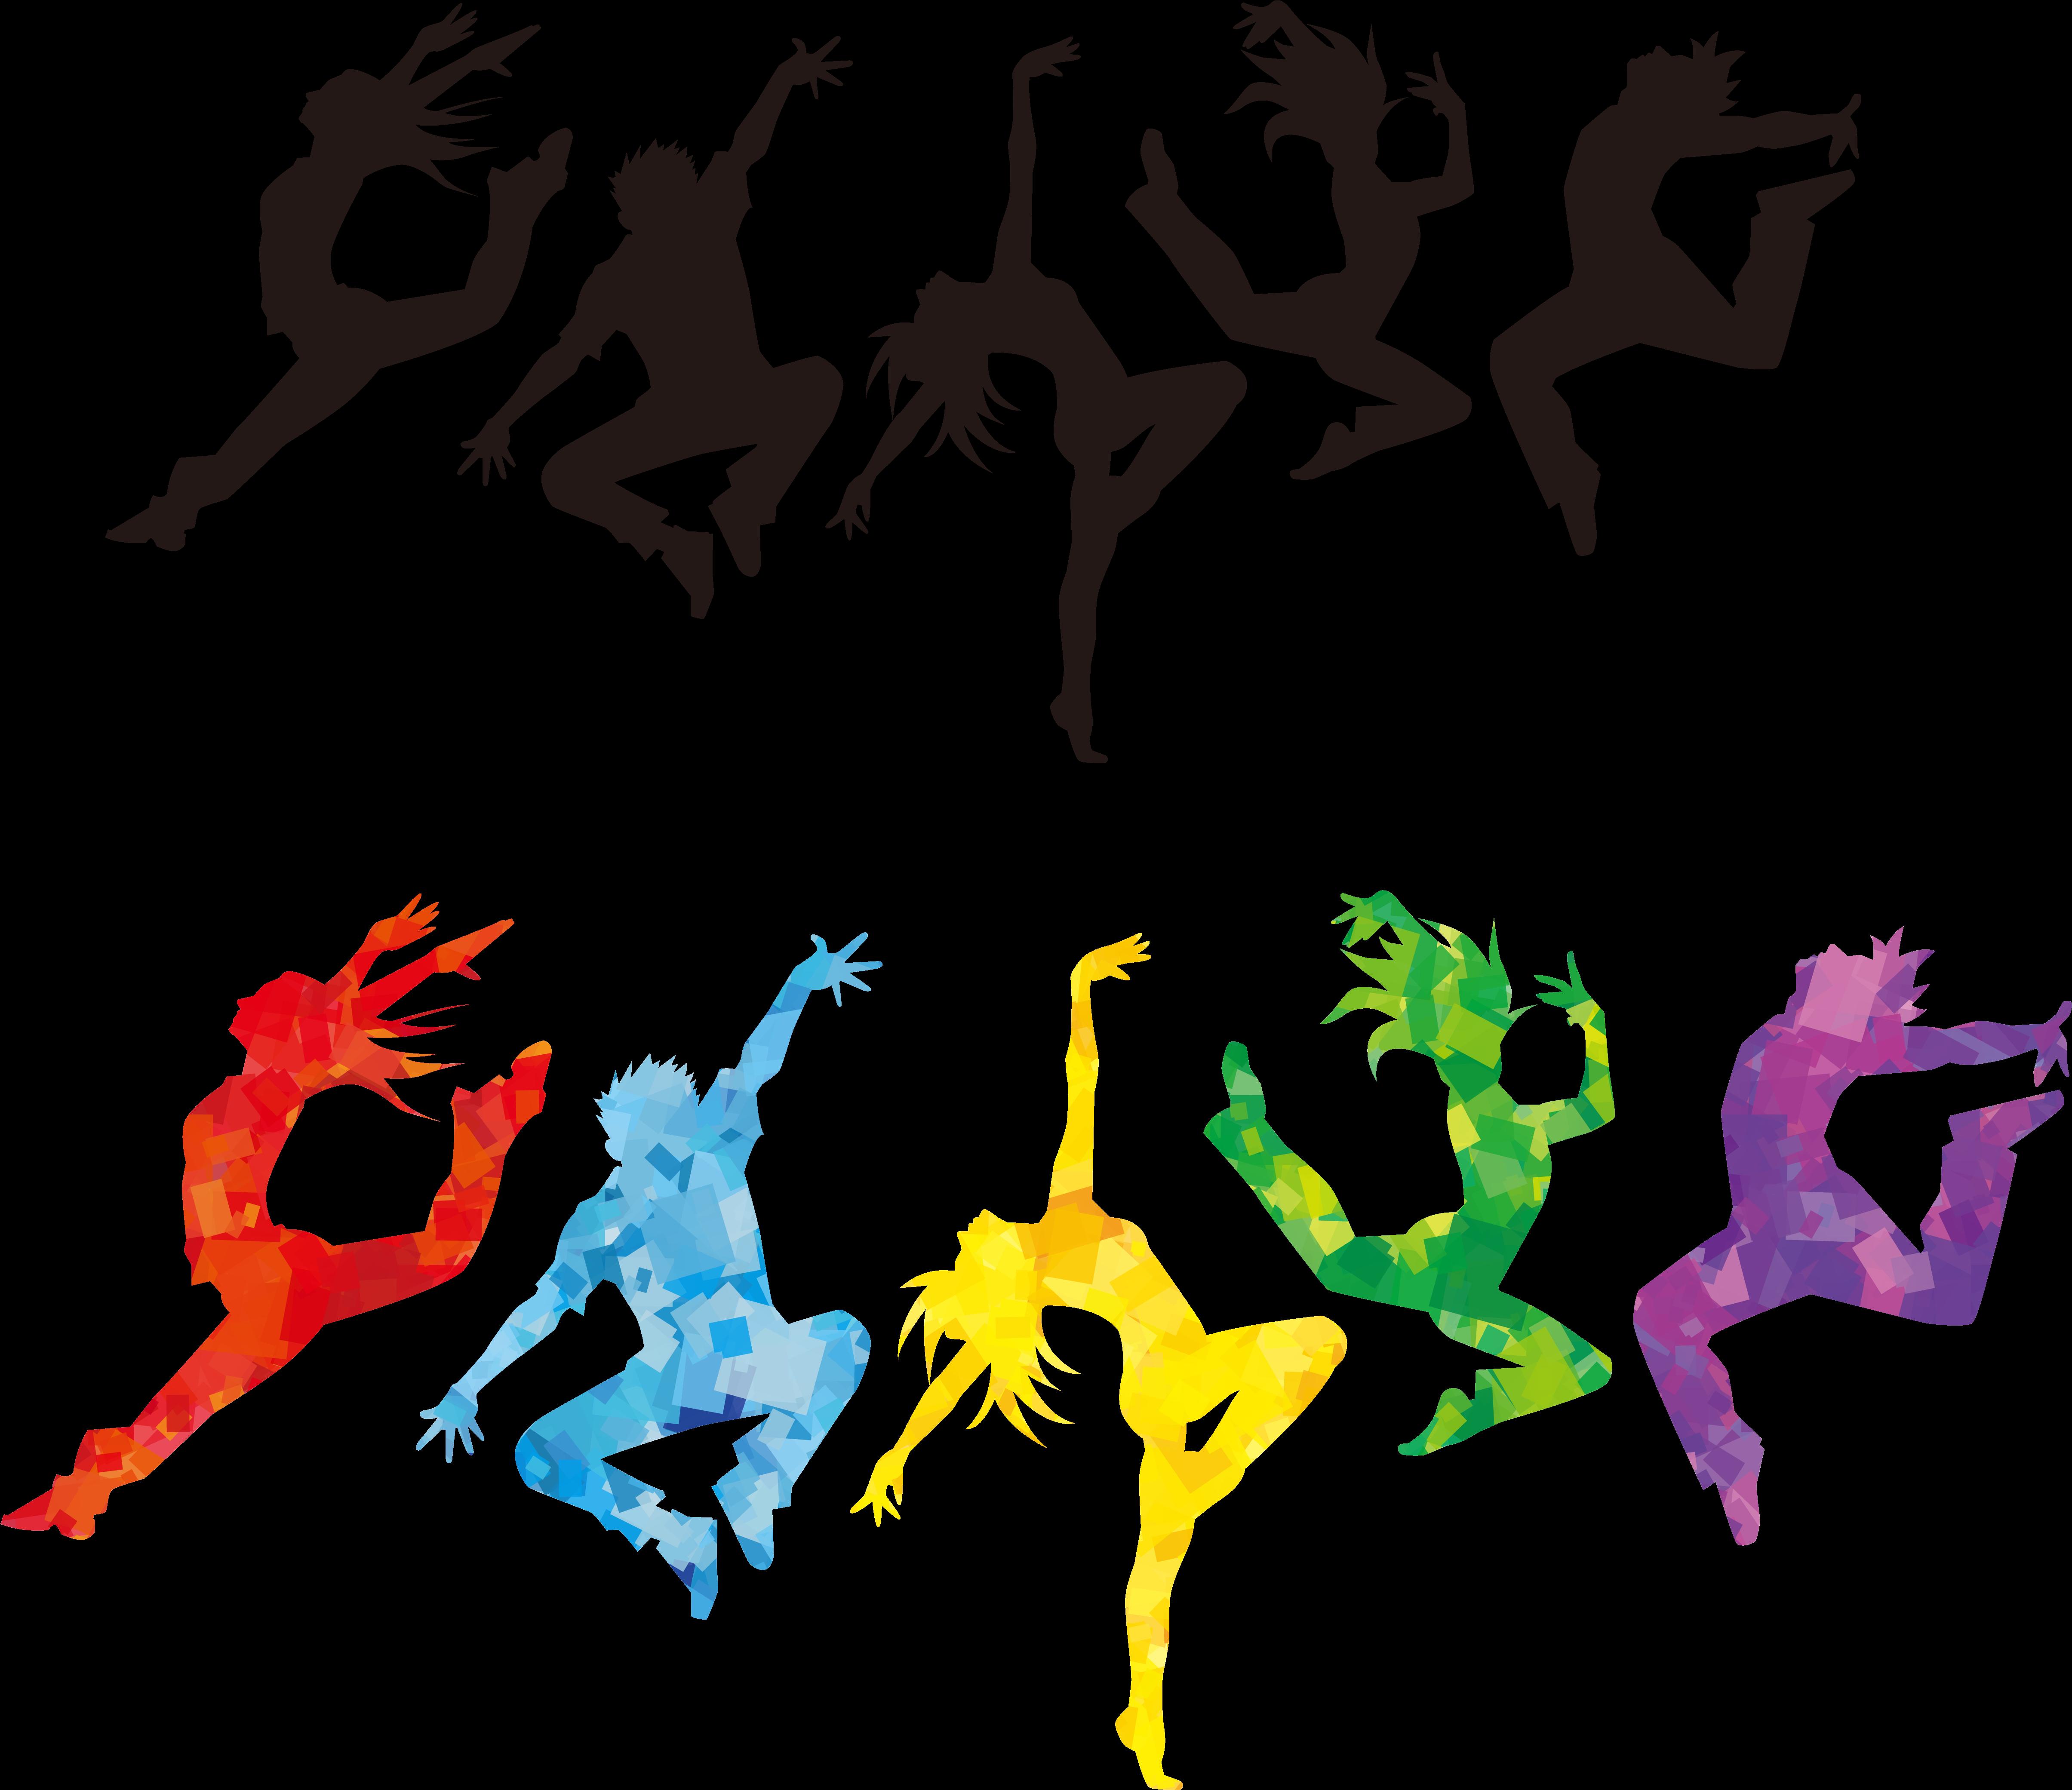 Картинки, картинки с танцующими человечками